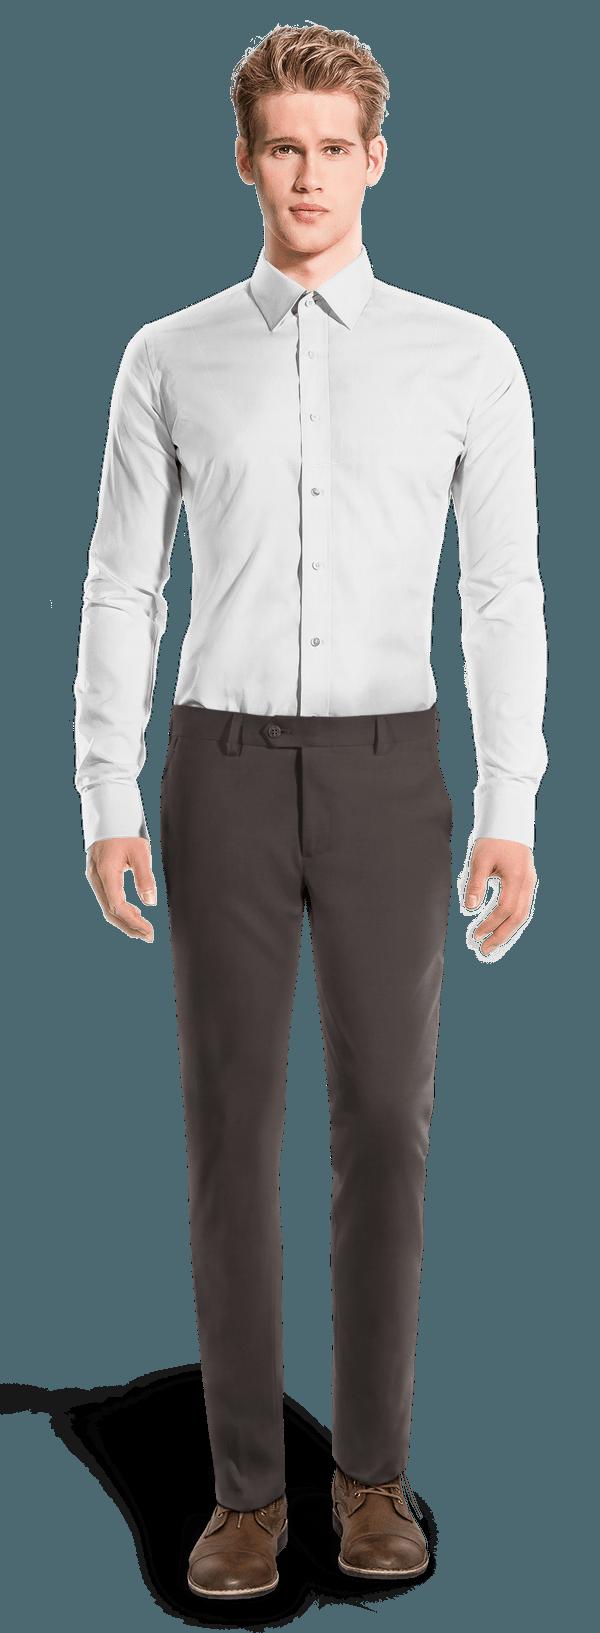 Pantaloni chino slim fit grigi